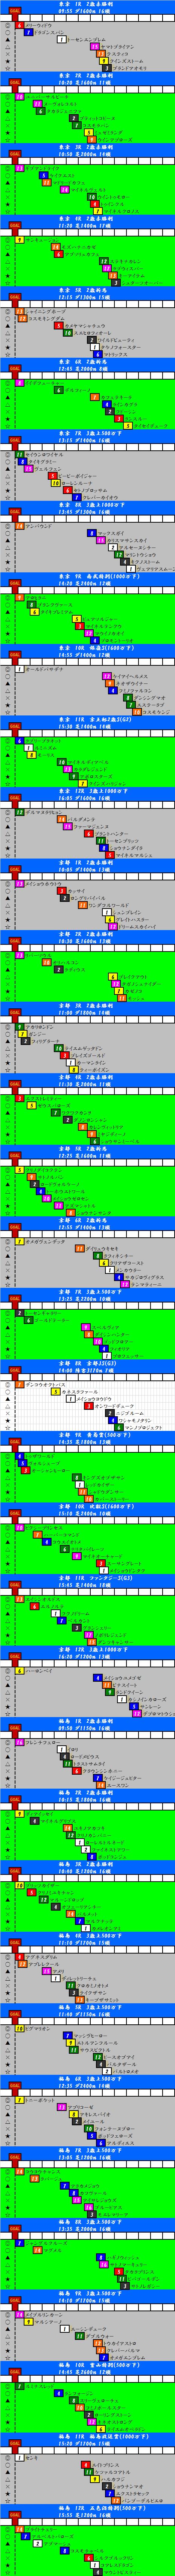 にほんブログ村 競馬ブログ 南関東競馬へ